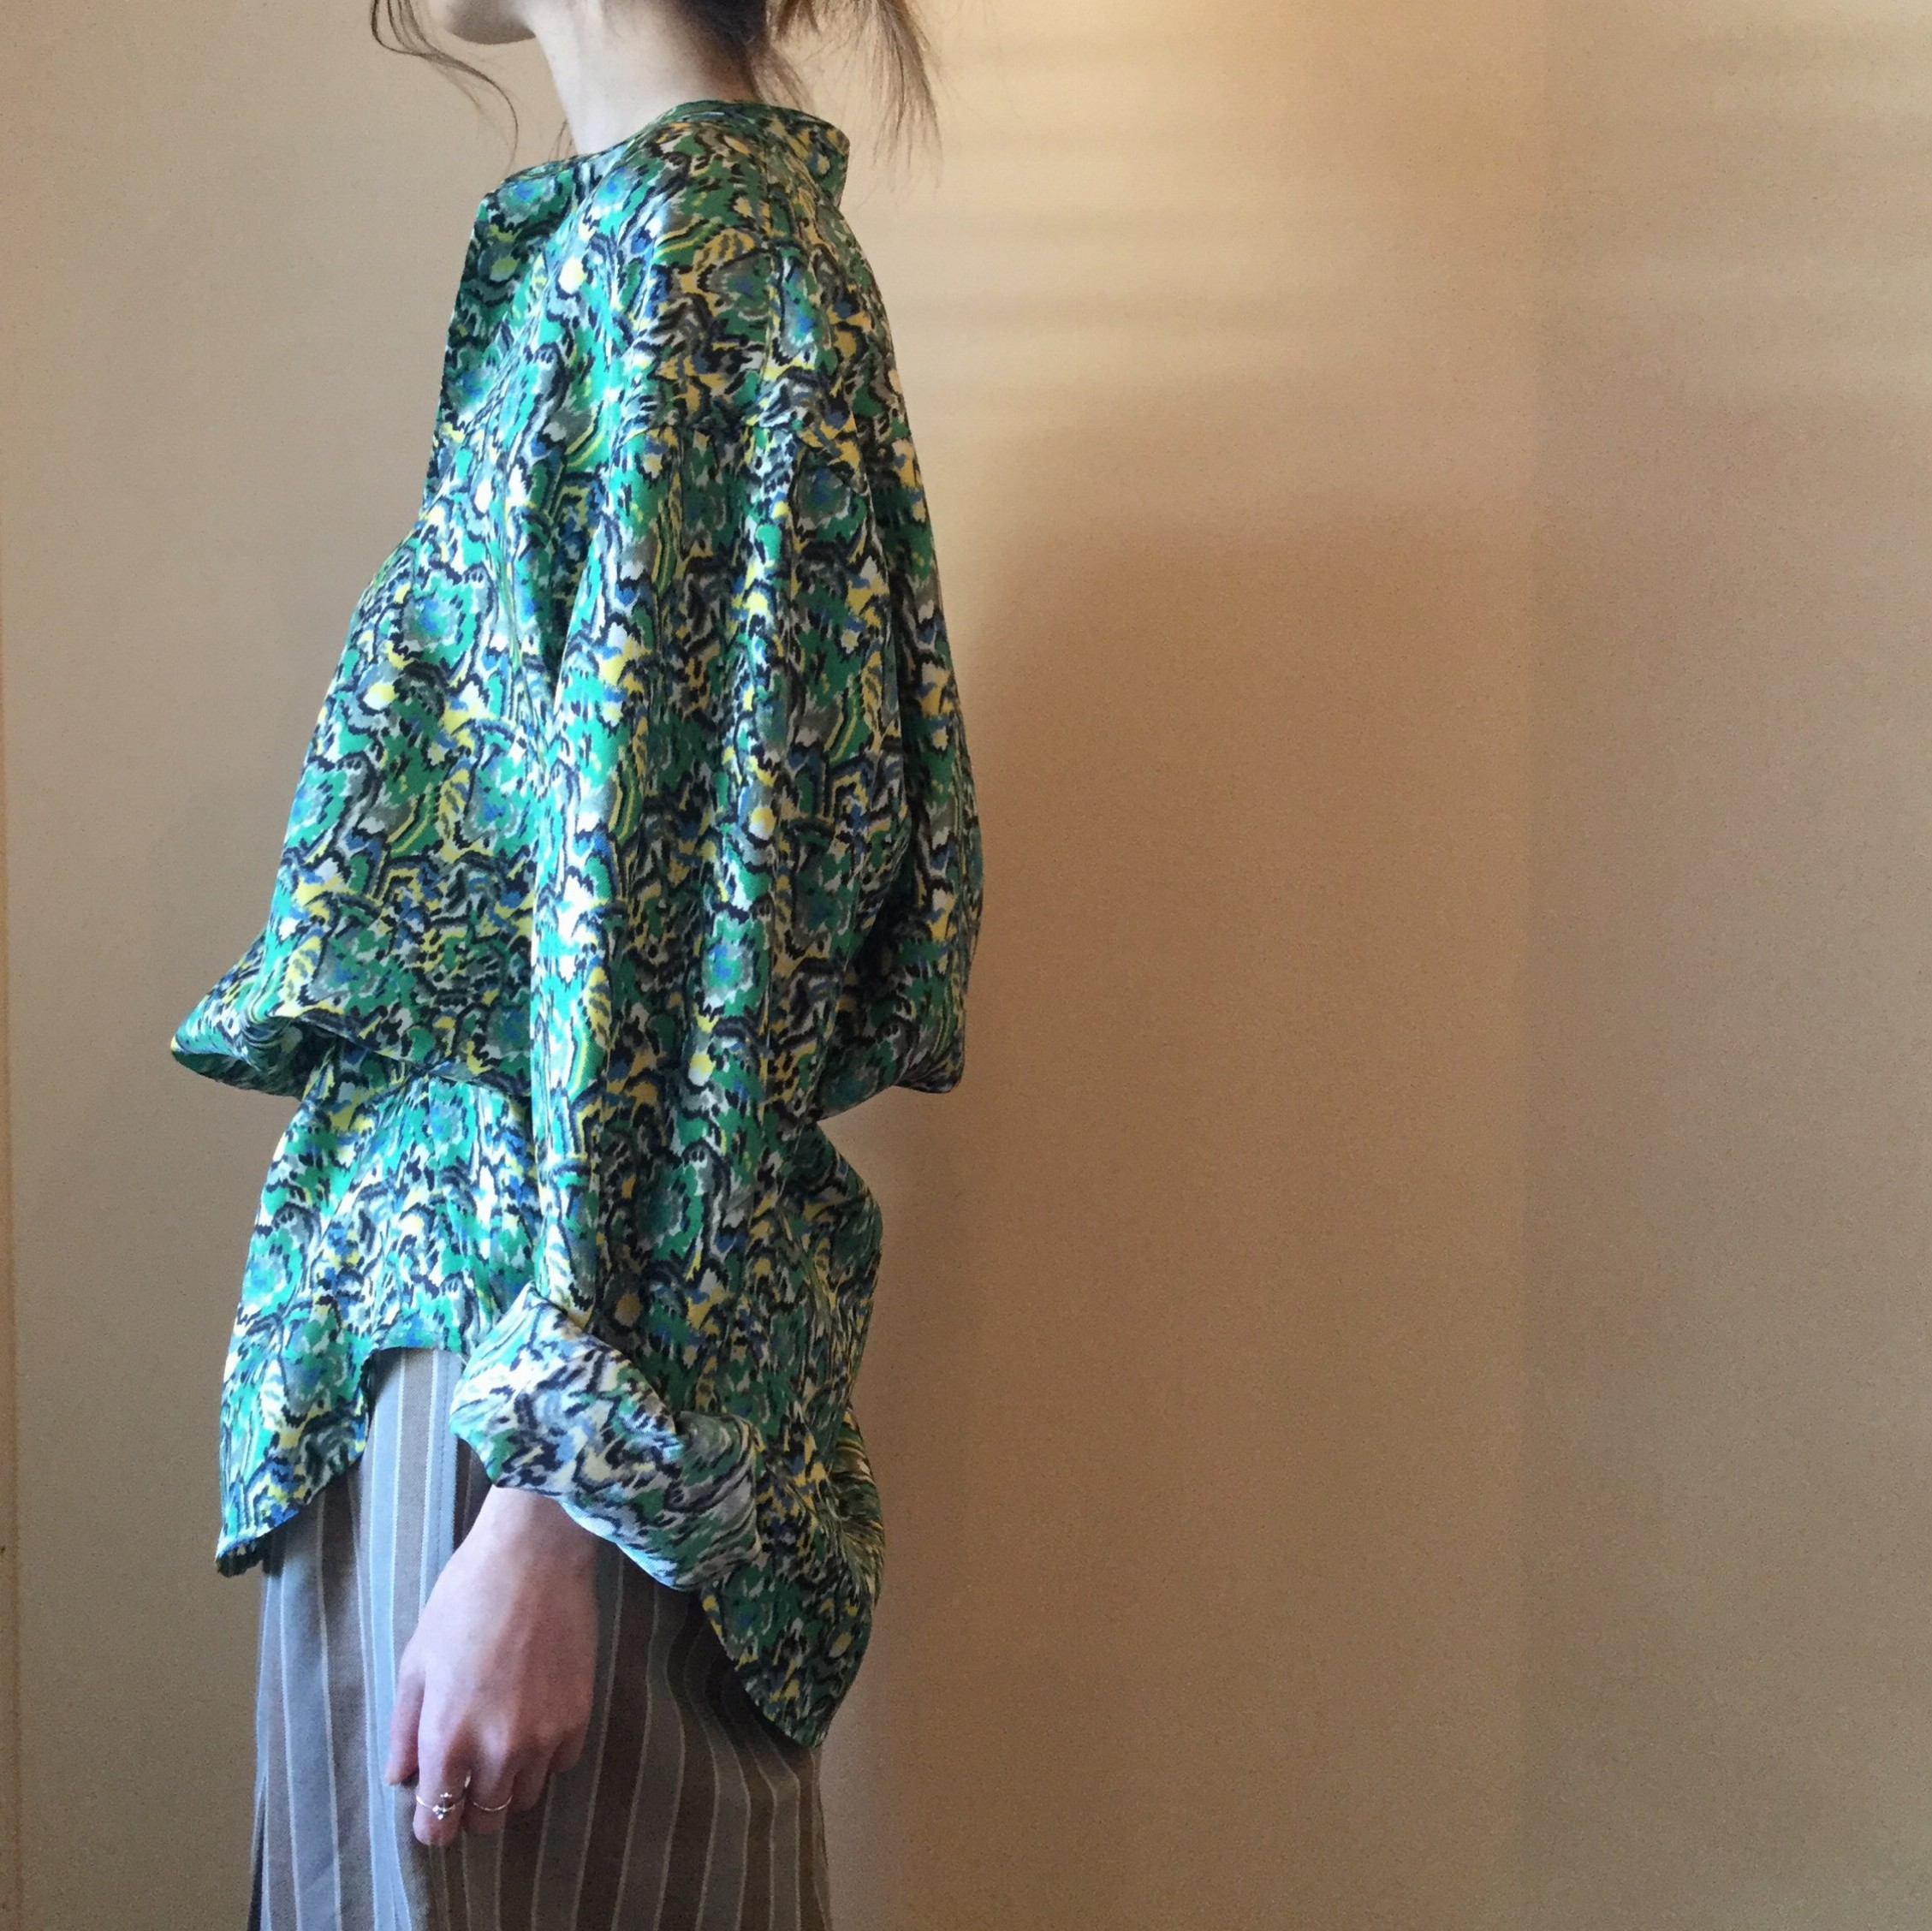 春夏BANANATIME(バナナタイム)のエアエイジおすすめのシルクシャツです